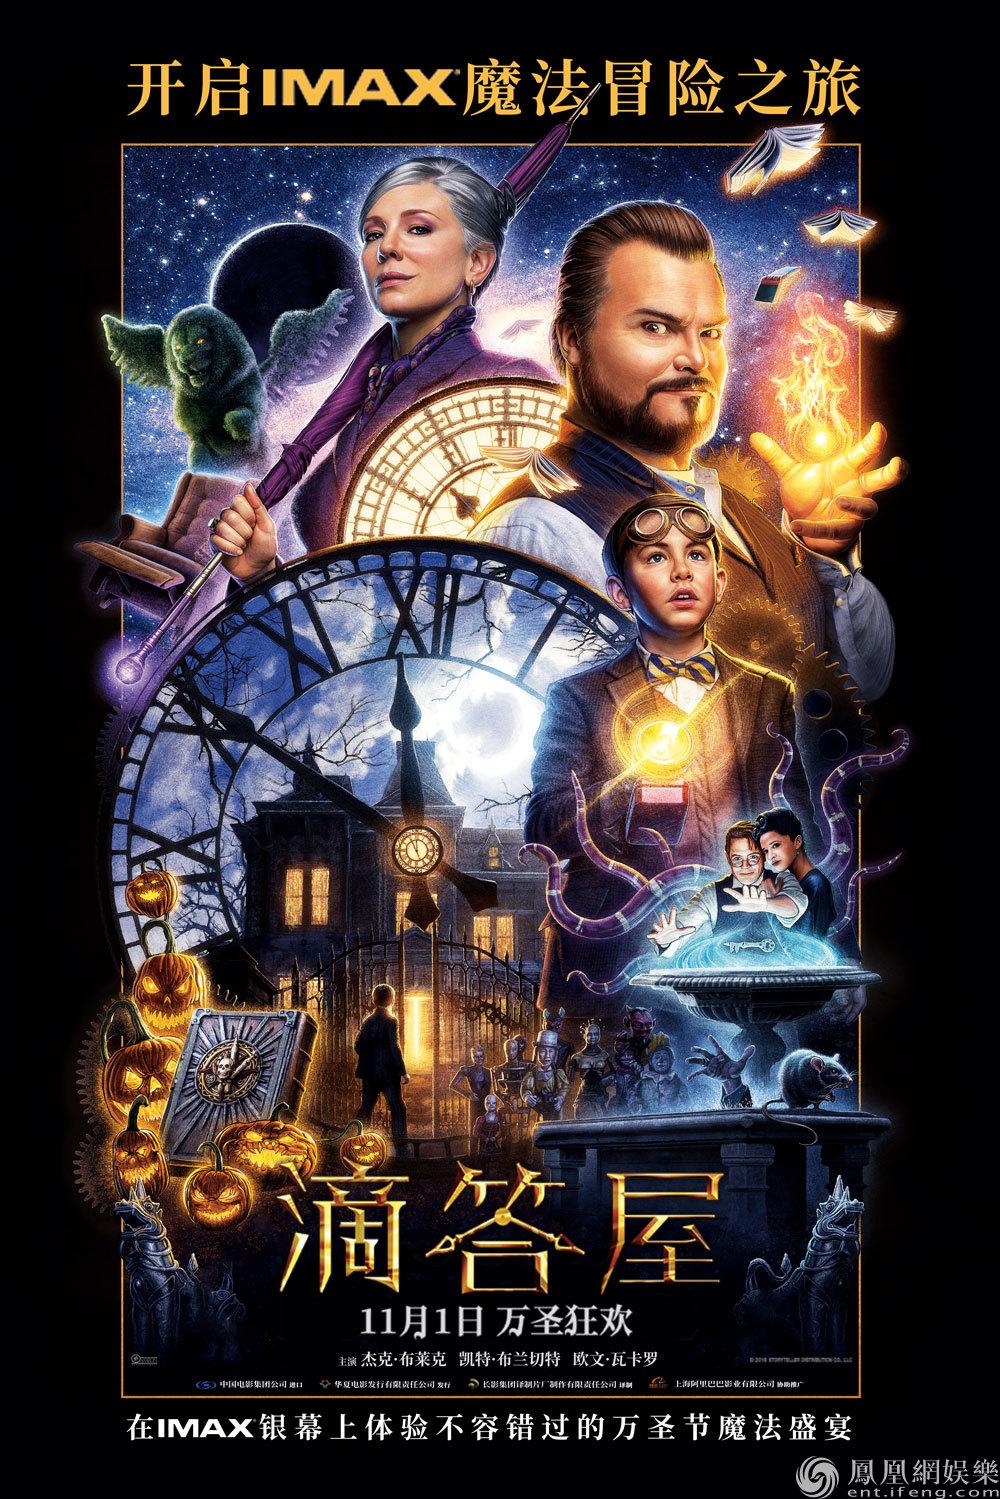 万圣节不容错过的魔法盛宴 《滴答屋》海报预告双发布